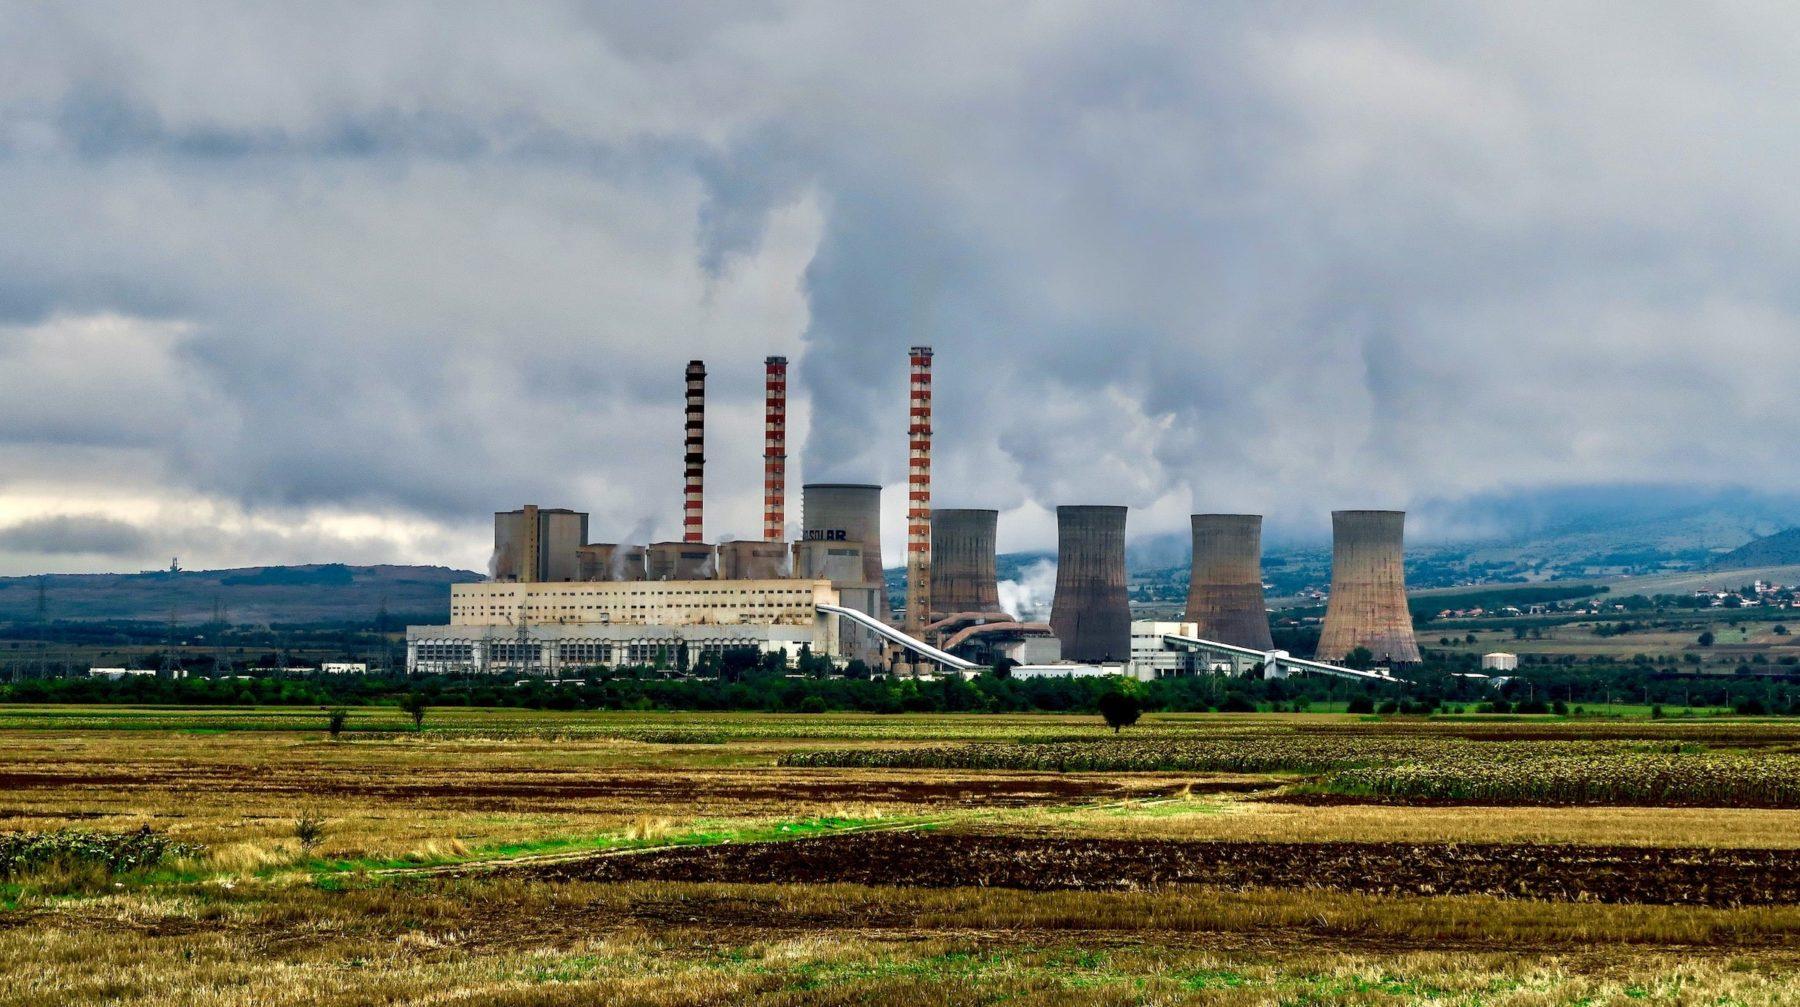 Comment rendre nos sociétés plus sobres énergétiquement ?